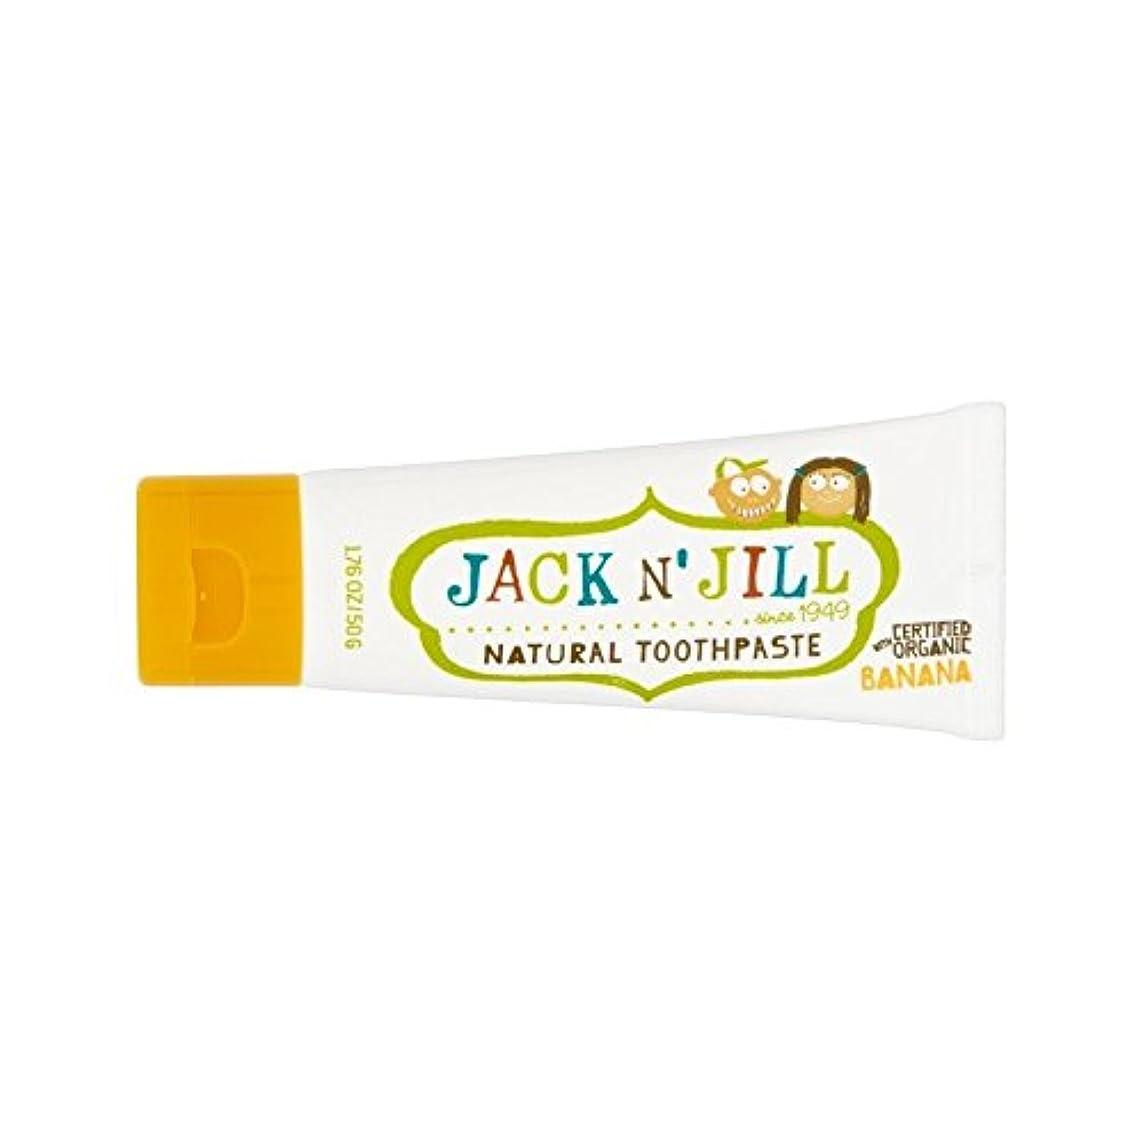 境界構成員安らぎ有機香味50グラムと自然バナナ歯磨き粉 (Jack N Jill) (x 4) - Jack N' Jill Banana Toothpaste Natural with Organic Flavouring 50g (Pack of 4) [並行輸入品]